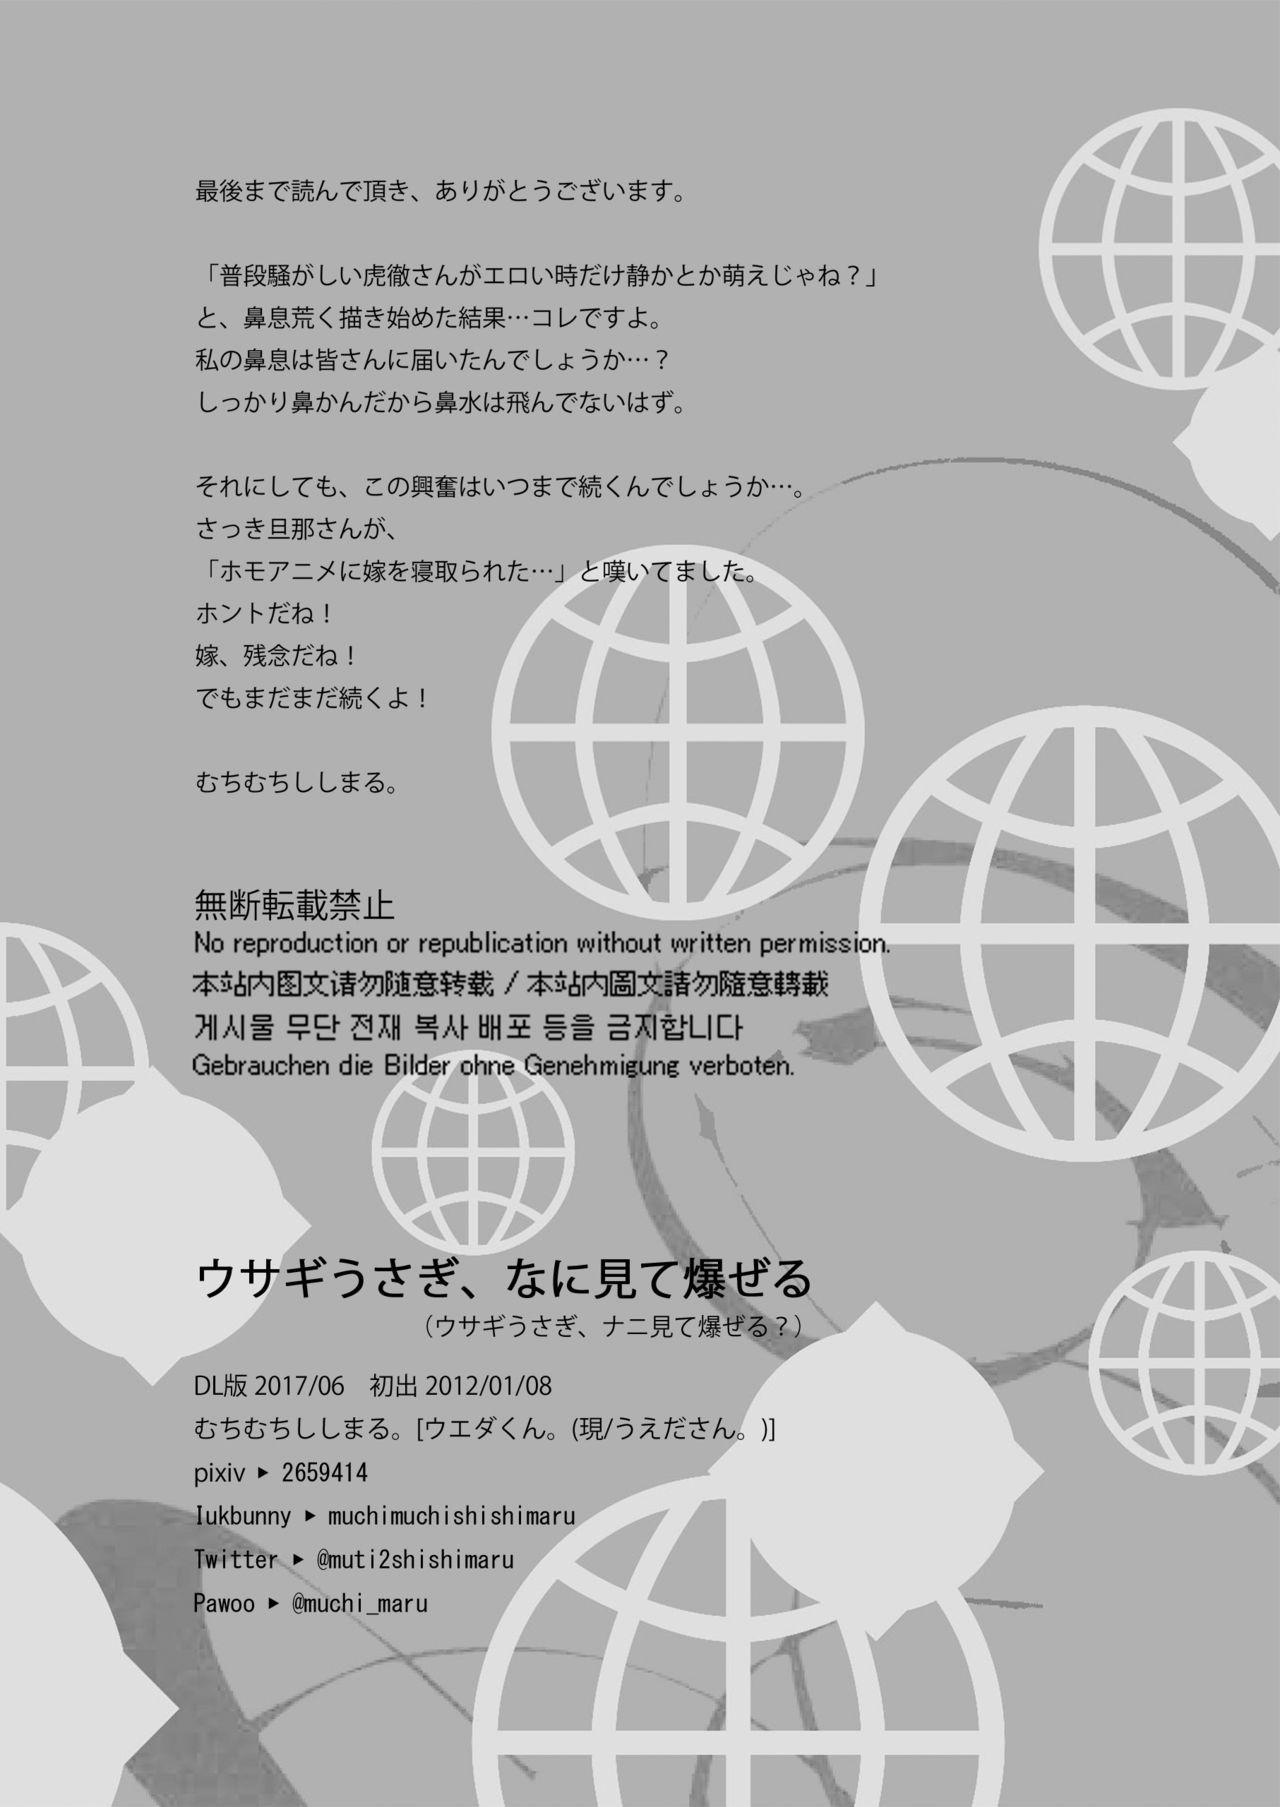 Usagi Usagi, Nani Mite Hazeru 23